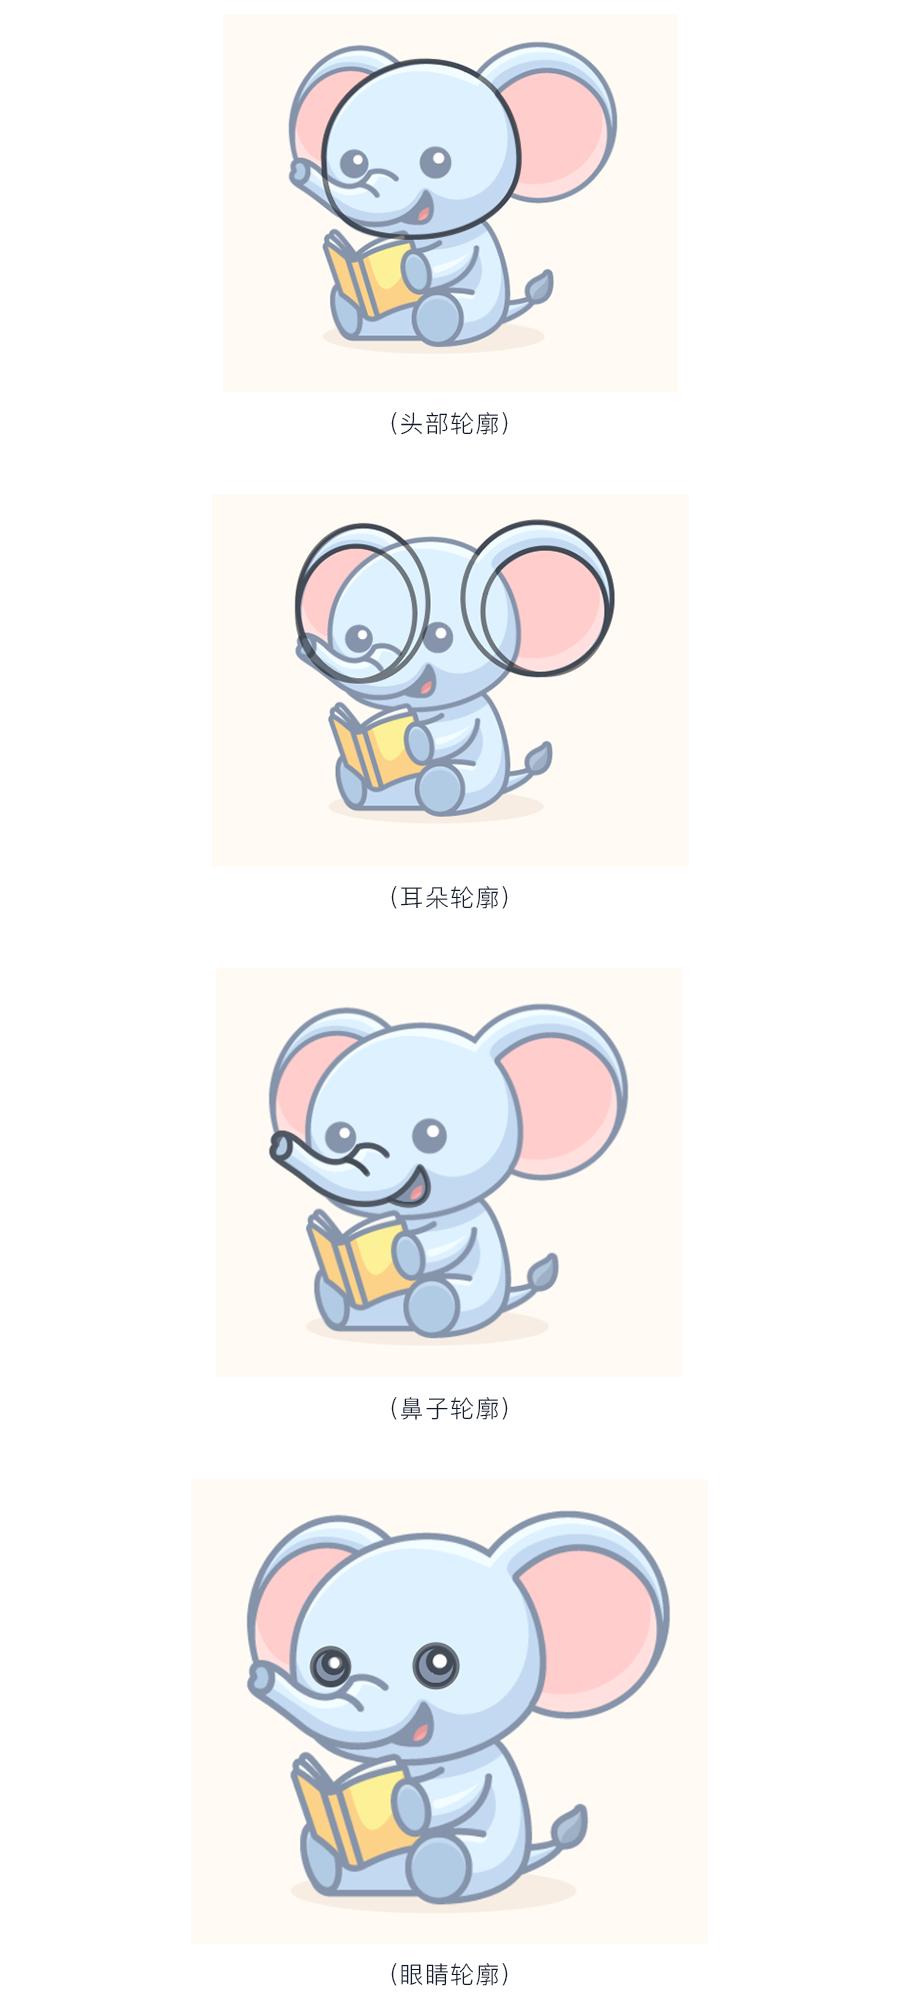 卡通绘画:PS和AI绘制卡通风格的小象,PS教程,思缘教程网